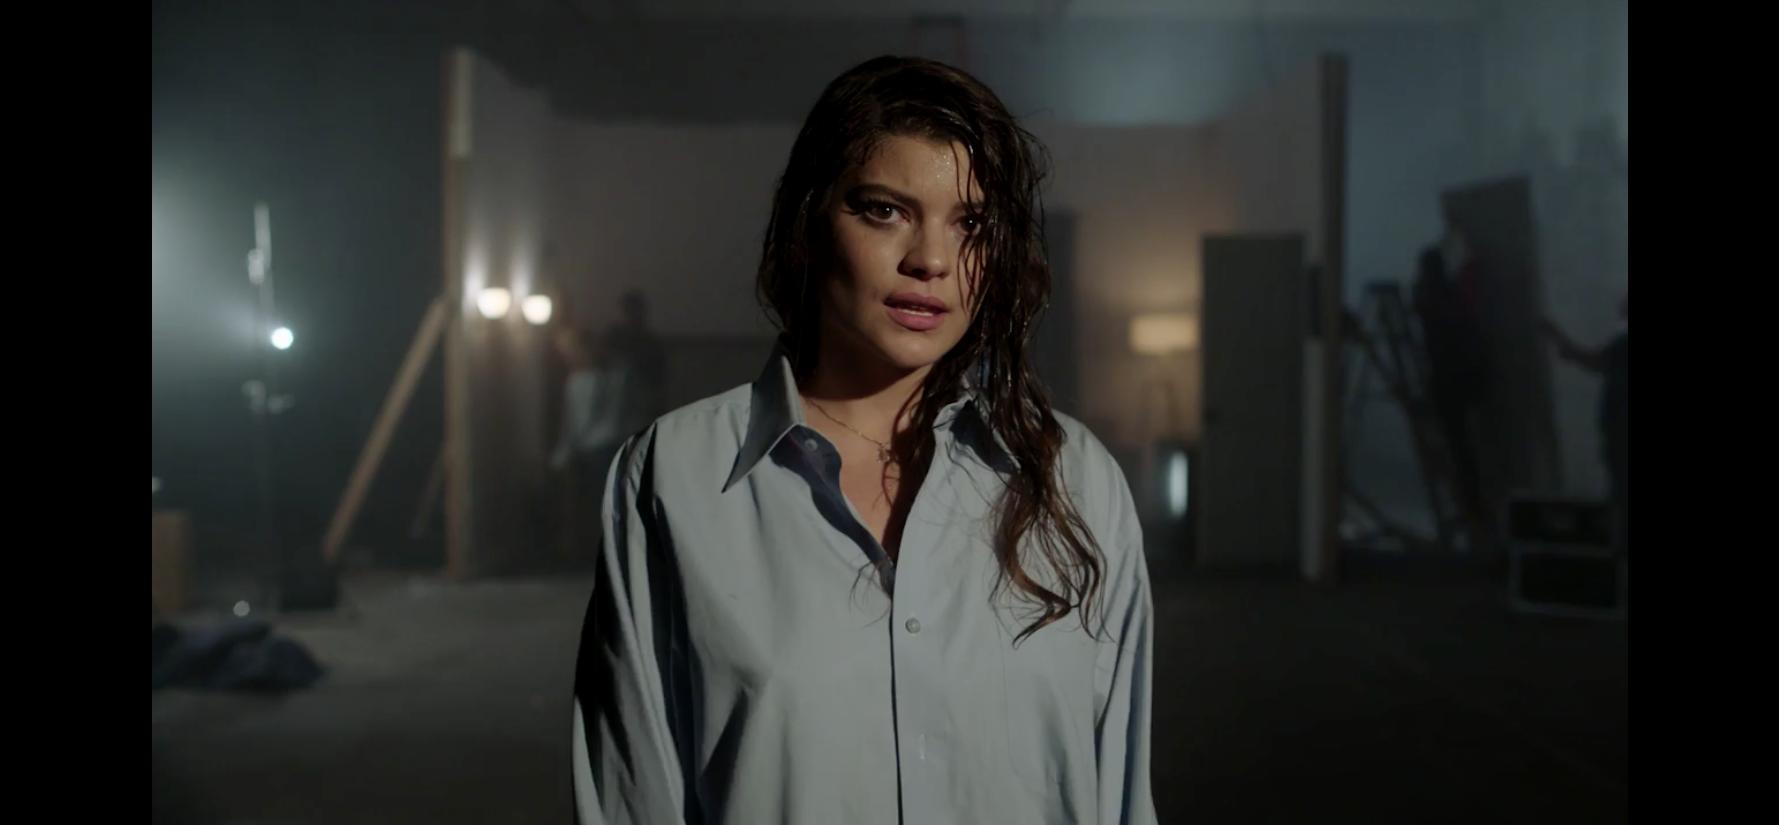 Still from 'Girl' video